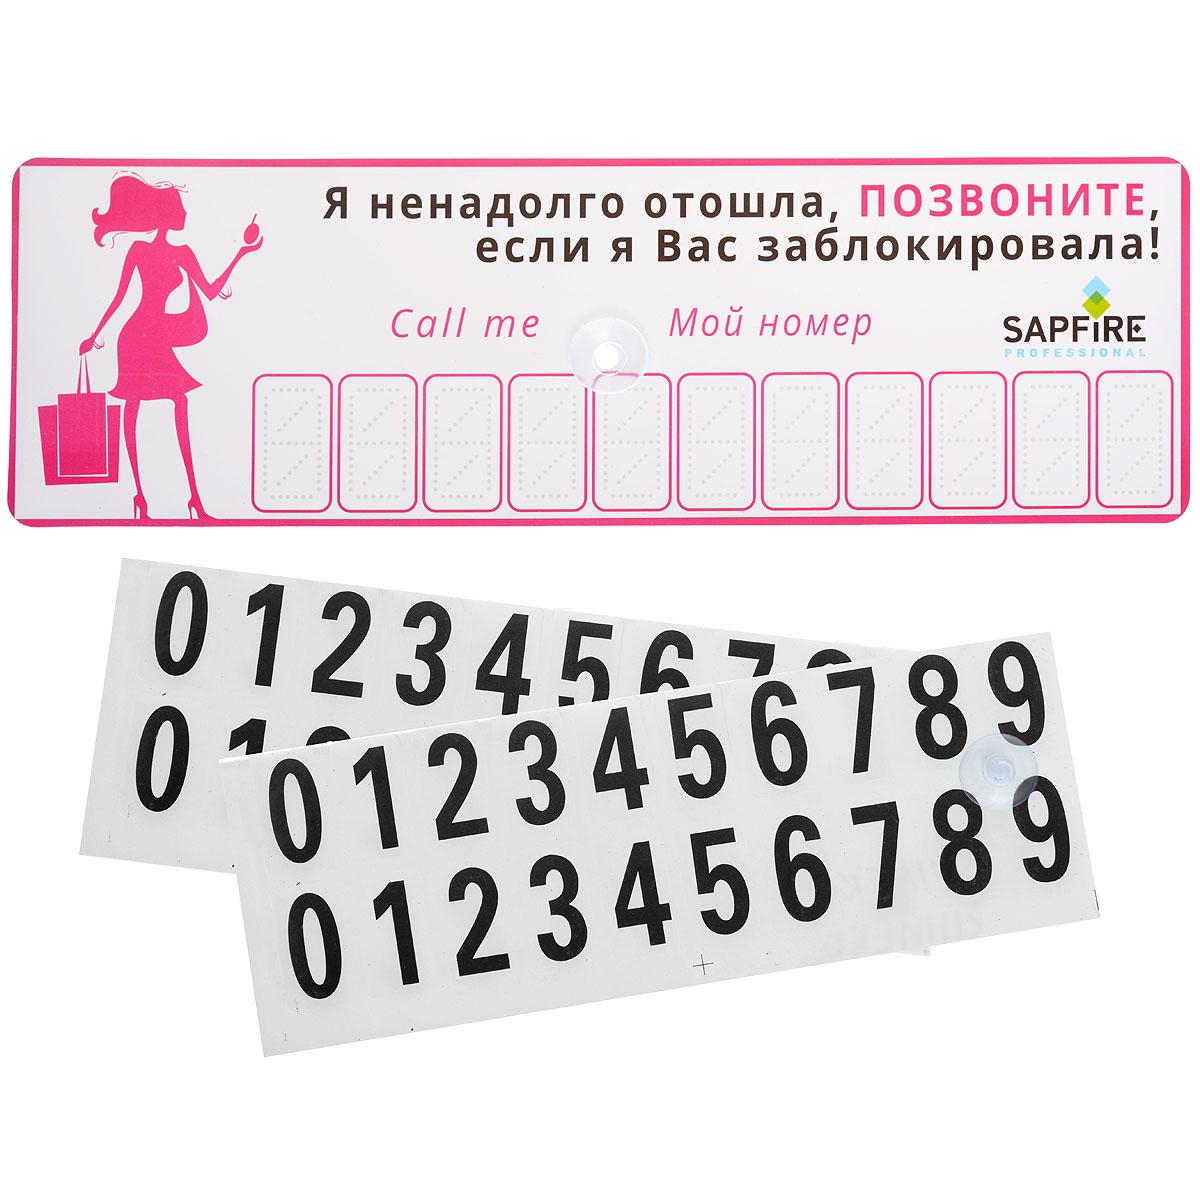 Телефоные намера девочек 15 фотография